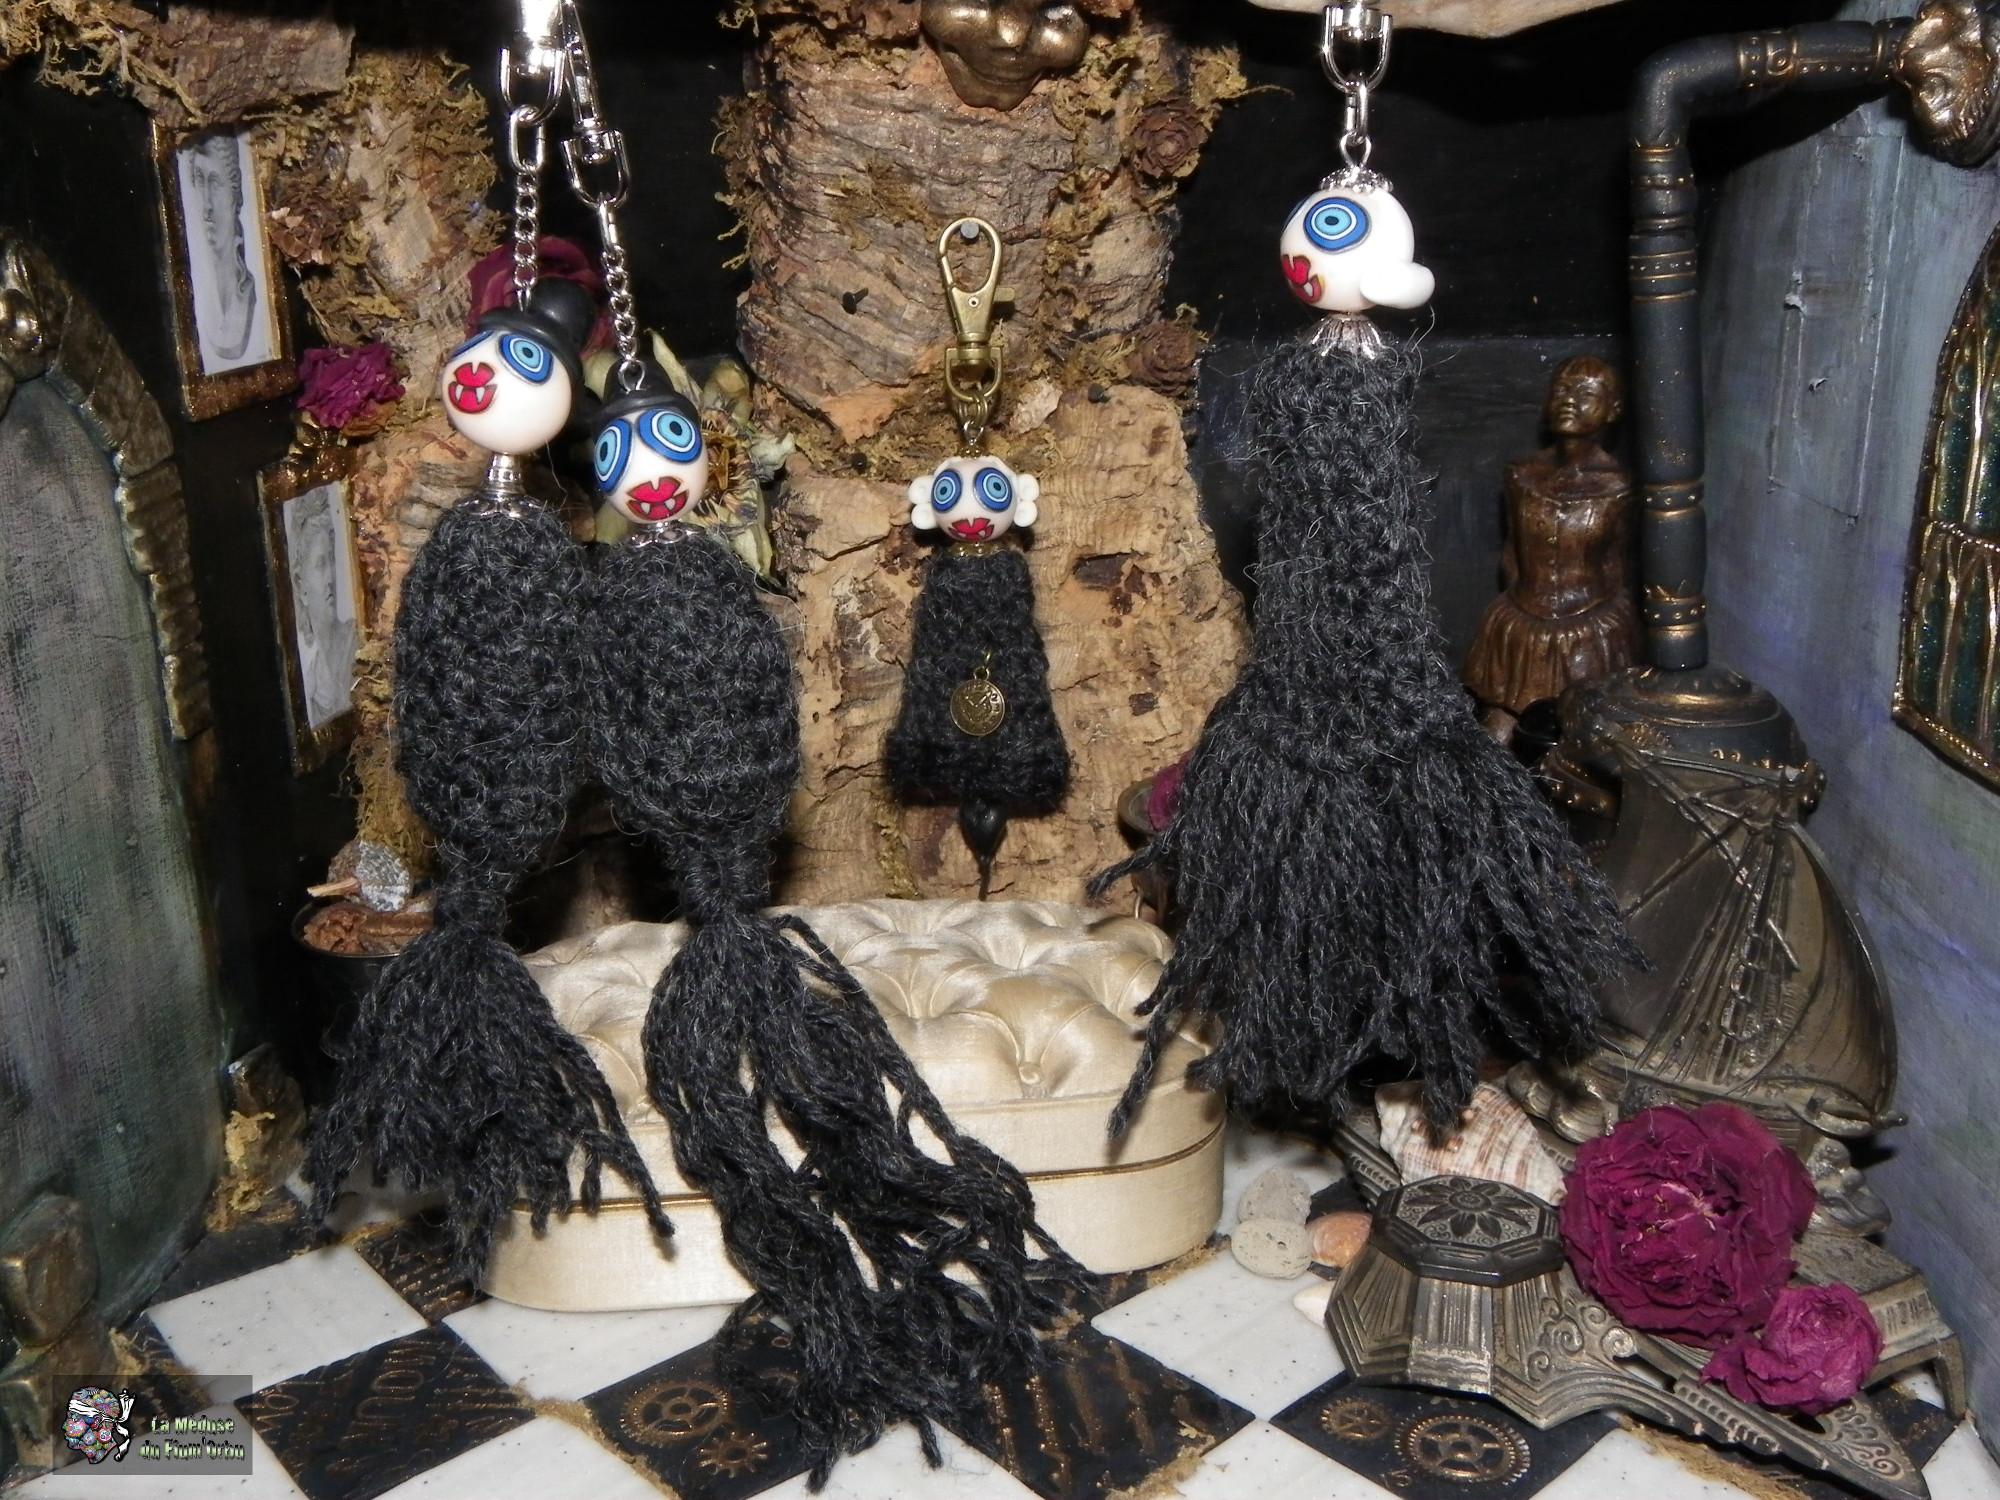 Nouvelles créatures bizarres en laine qui gratte